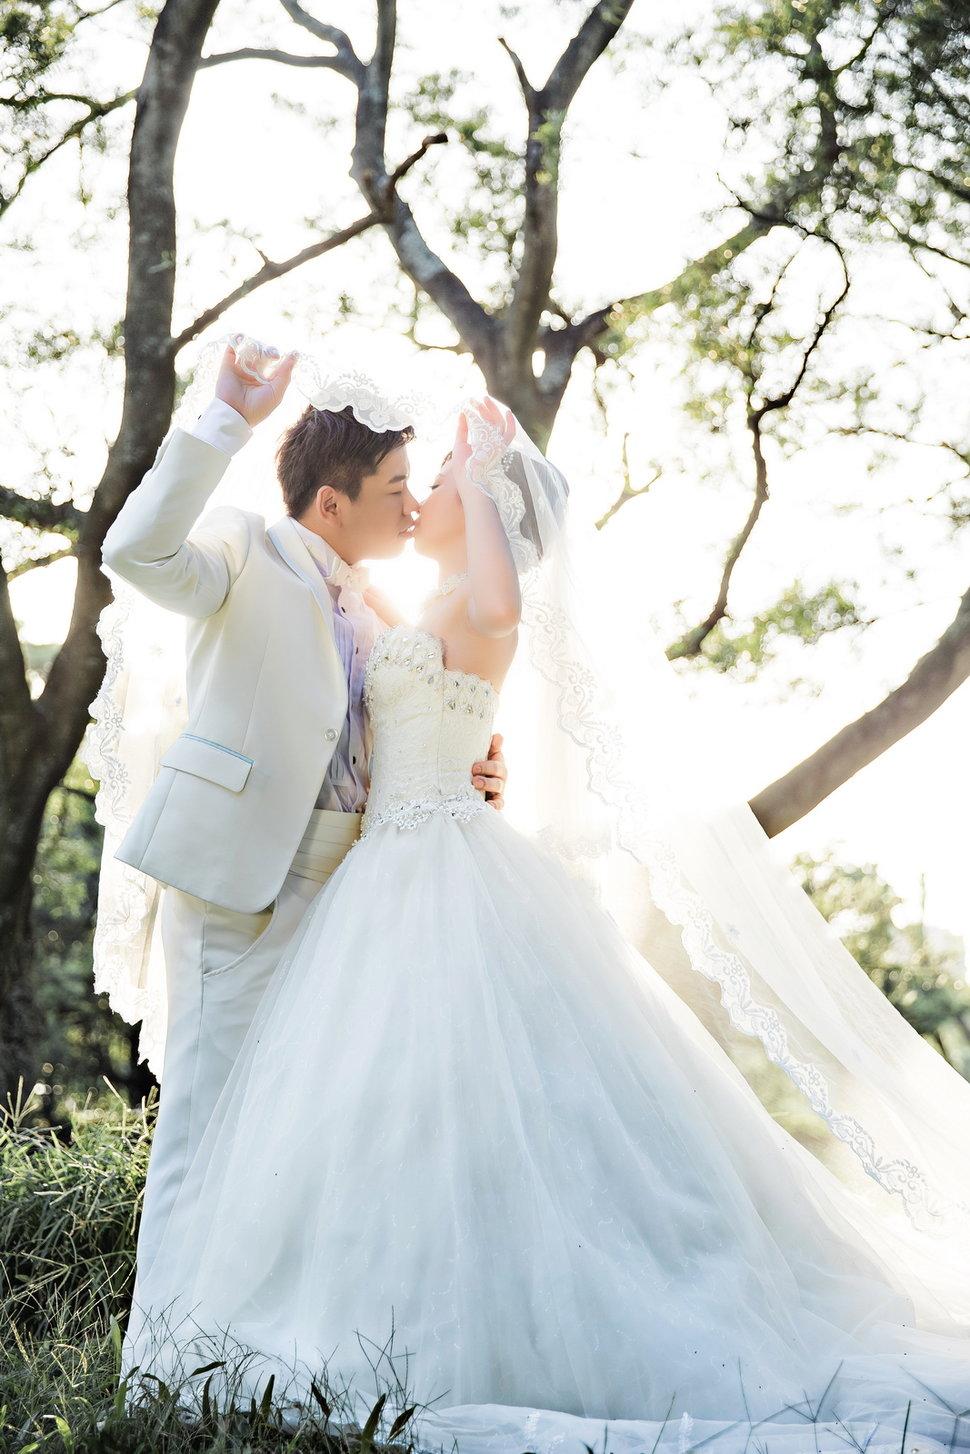 自助婚紗-淡水教堂-婚攝阿卜(編號:433921) - 阿卜的攝影工作室 - 結婚吧一站式婚禮服務平台